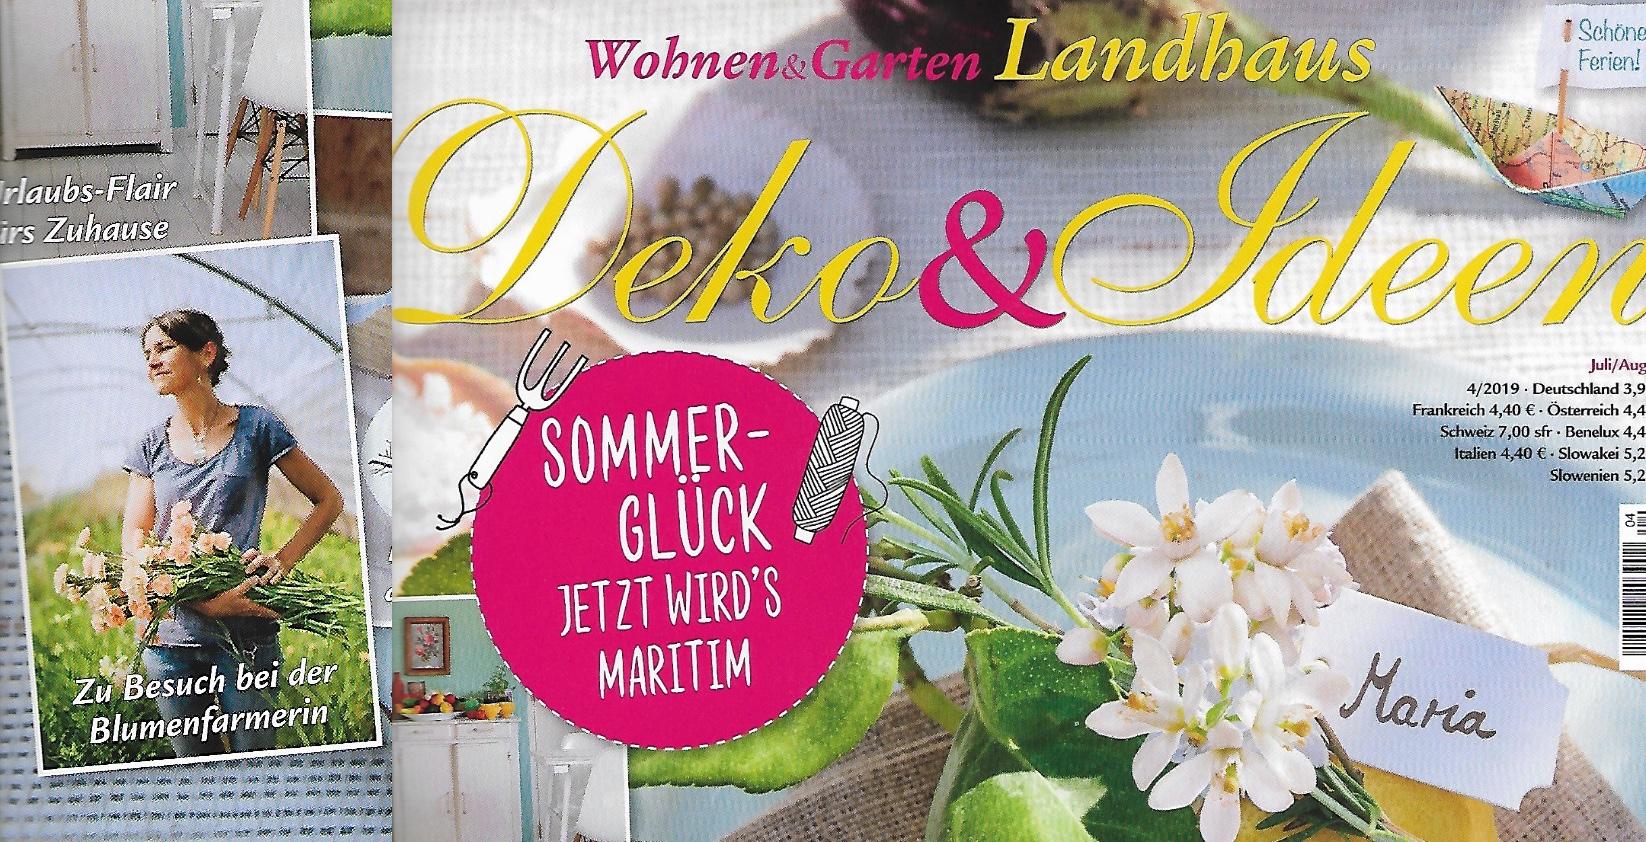 Wohnen & Garten Landhaus - Juli-August 2019 Die Farmer-Floristin: Im Königsland baut Nicole Schenkel-Zureikat Schnittblumen in Bio-Qualität an.